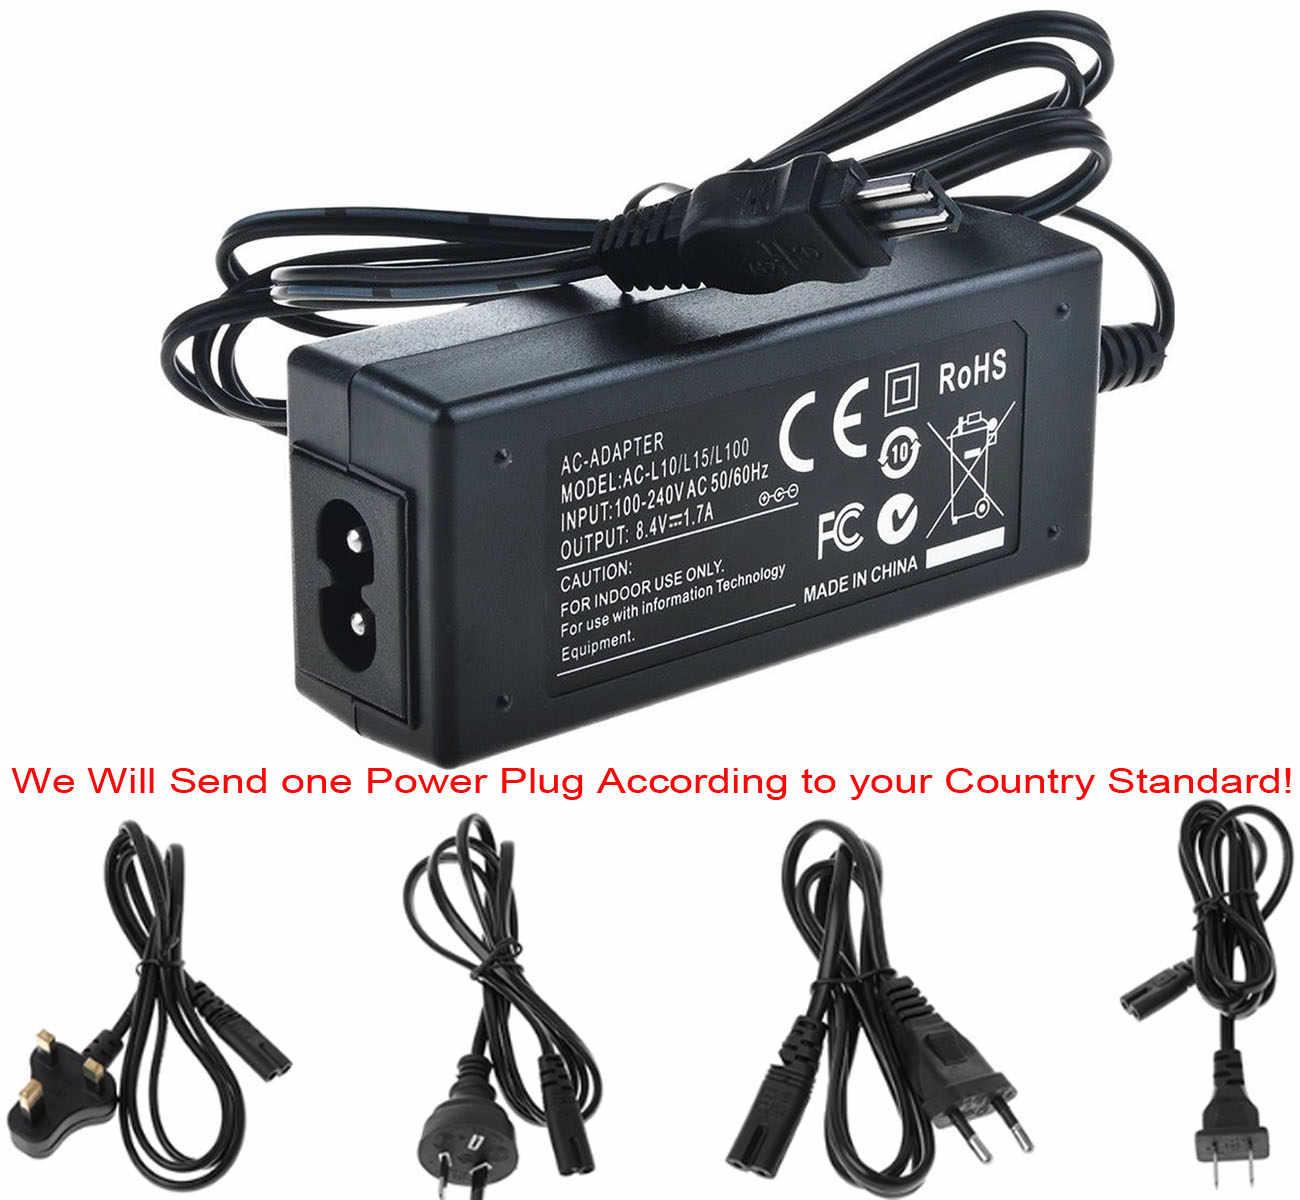 DCR-TRV140 LCD Battery Charger for Sony DCR-TRV110 DCR-TRV130 DCR-TRV150 Handycam Camcorder DCR-TRV120